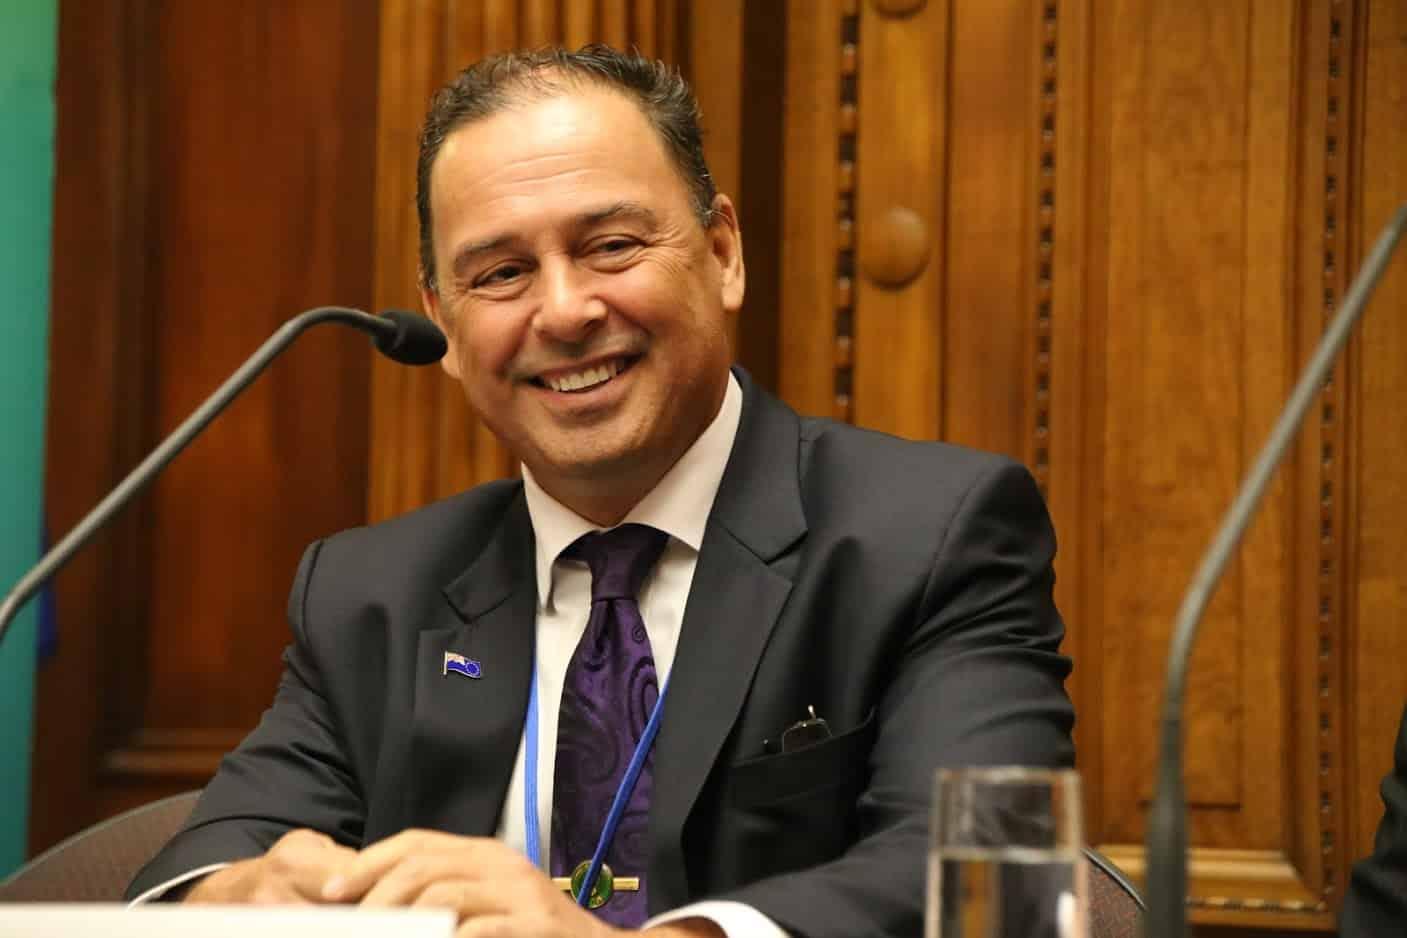 Премьер-министр Островов Кука назначил себя главой 16 министерств. Похоже, он никому не доверяет